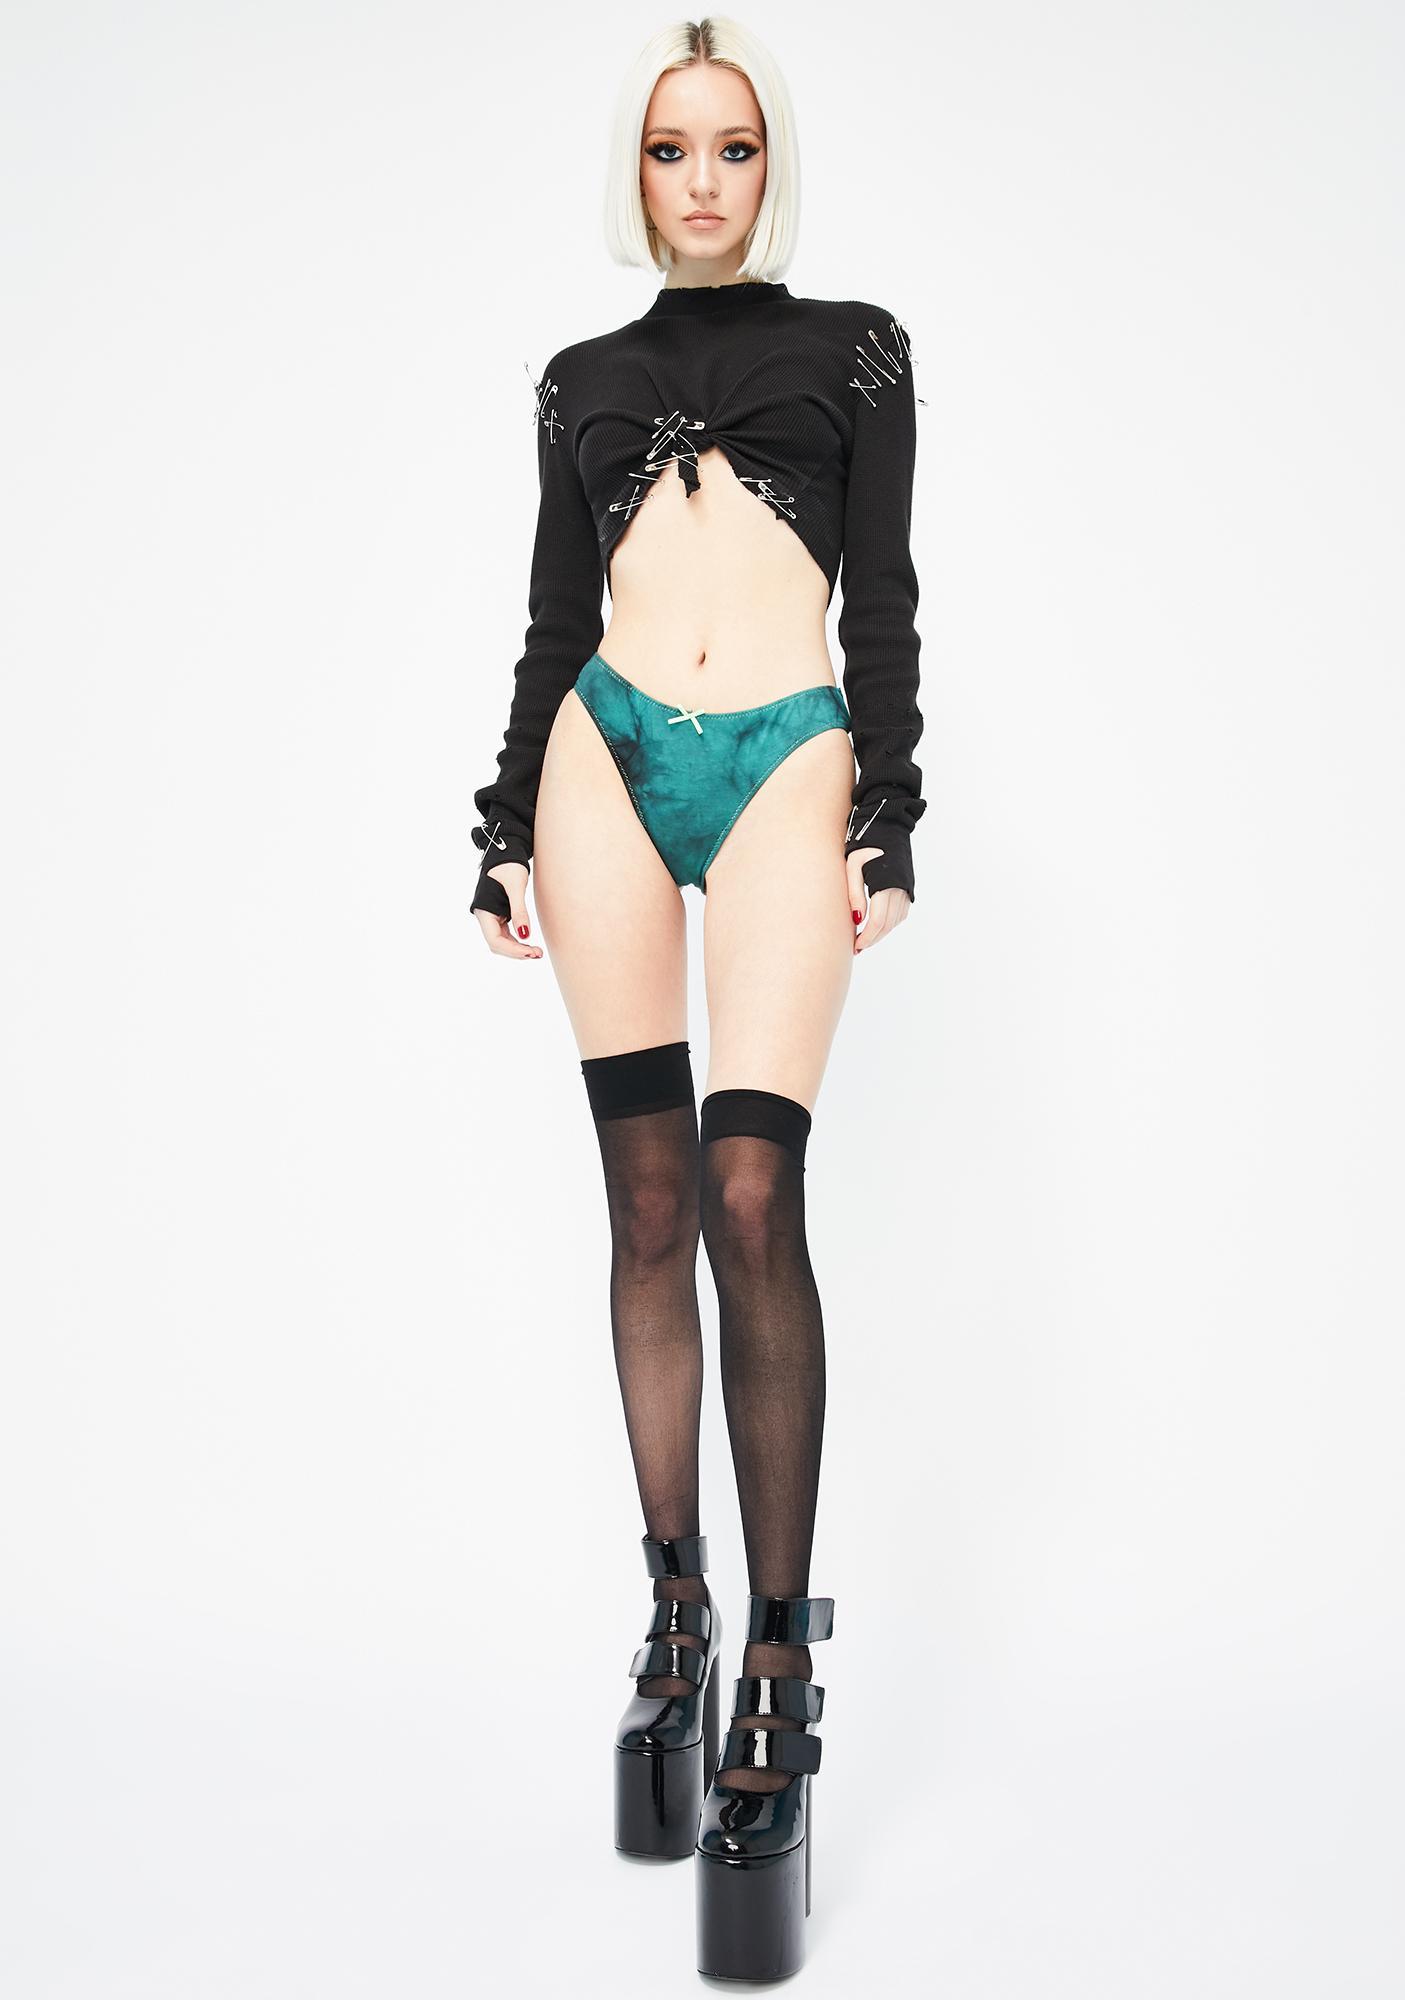 NGHTBRD Naughty Knickers Panties Set